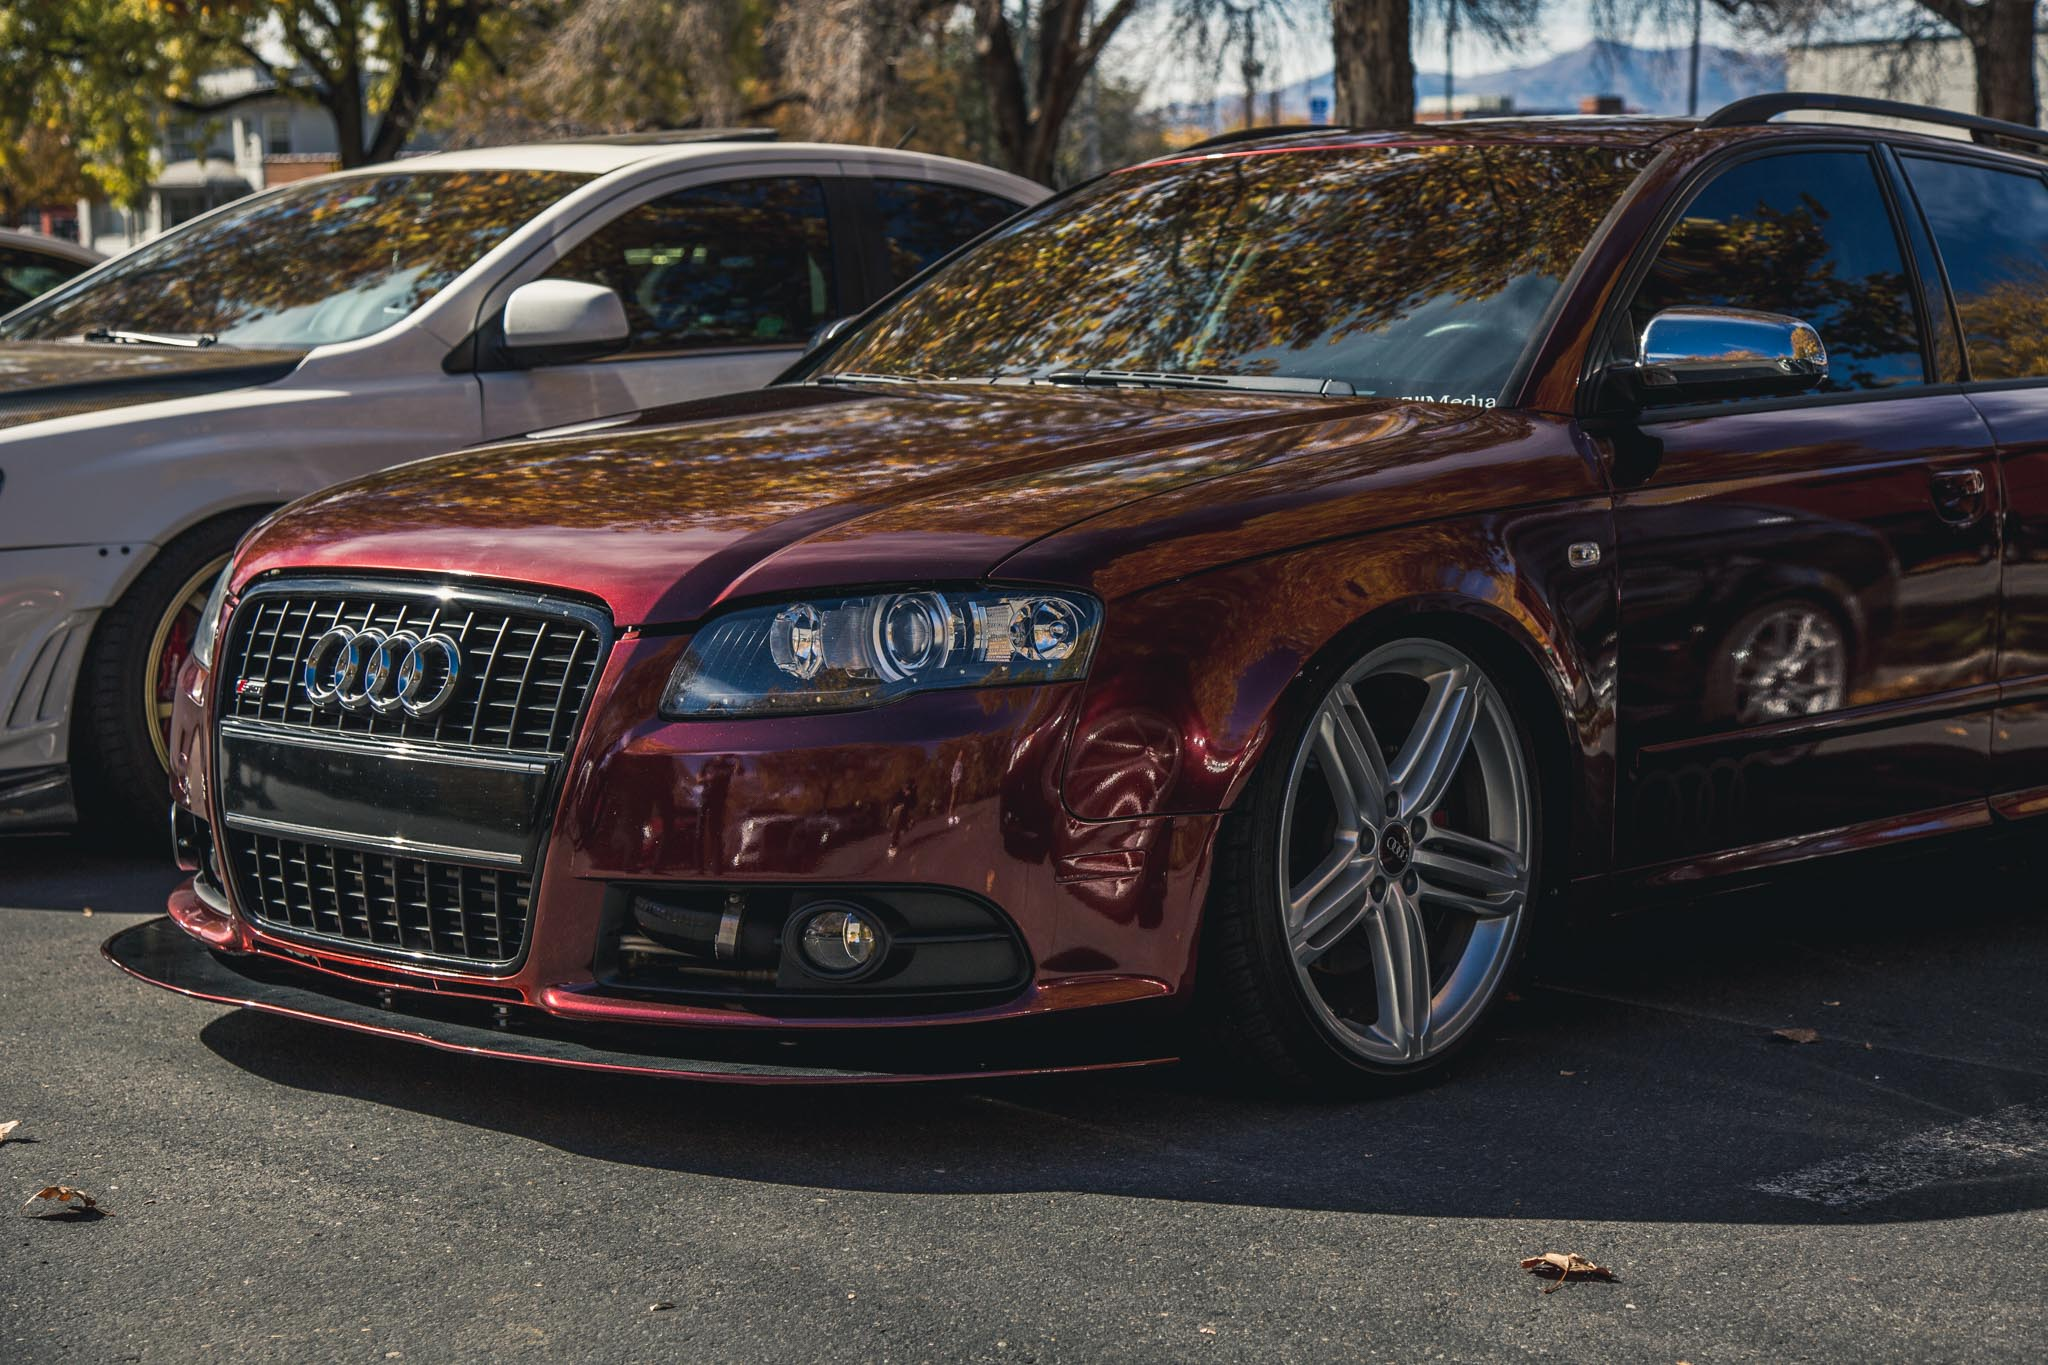 2014 Audi A4 Manual-25.jpg